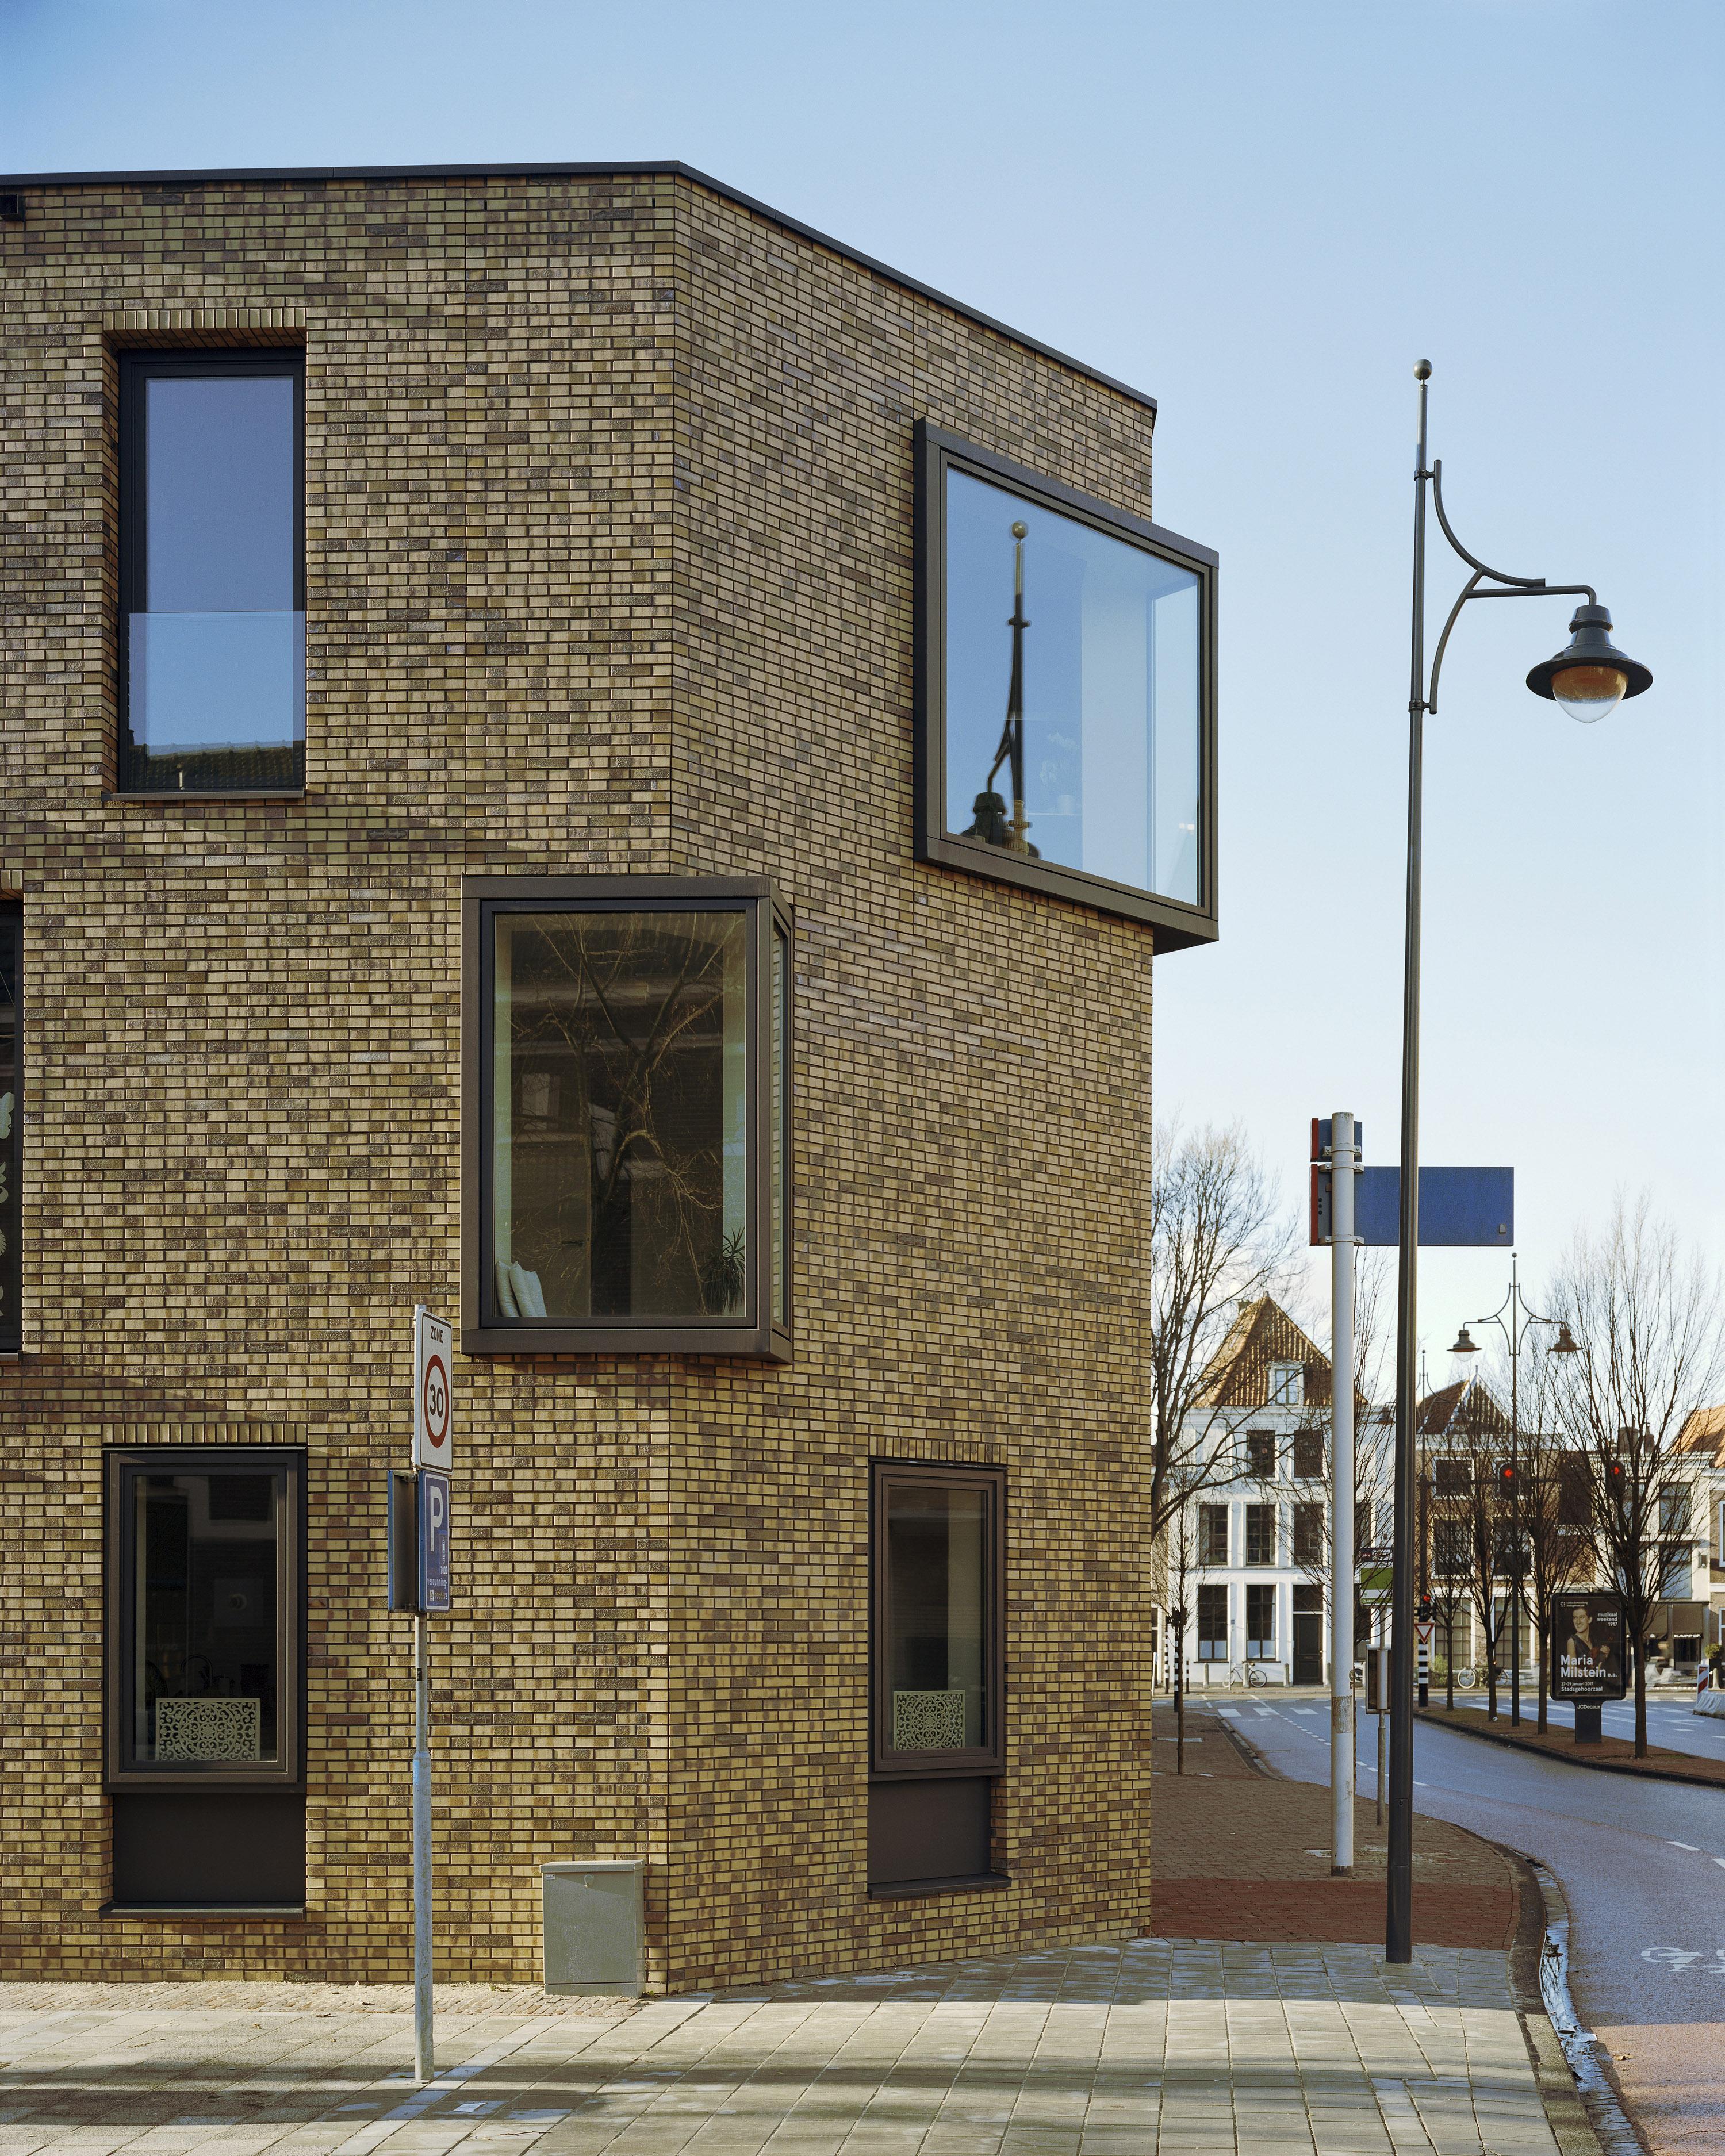 <p>nieuwbouw met overhoekse erkerramen die hoek markeren, foto: Kim Zwarts</p>